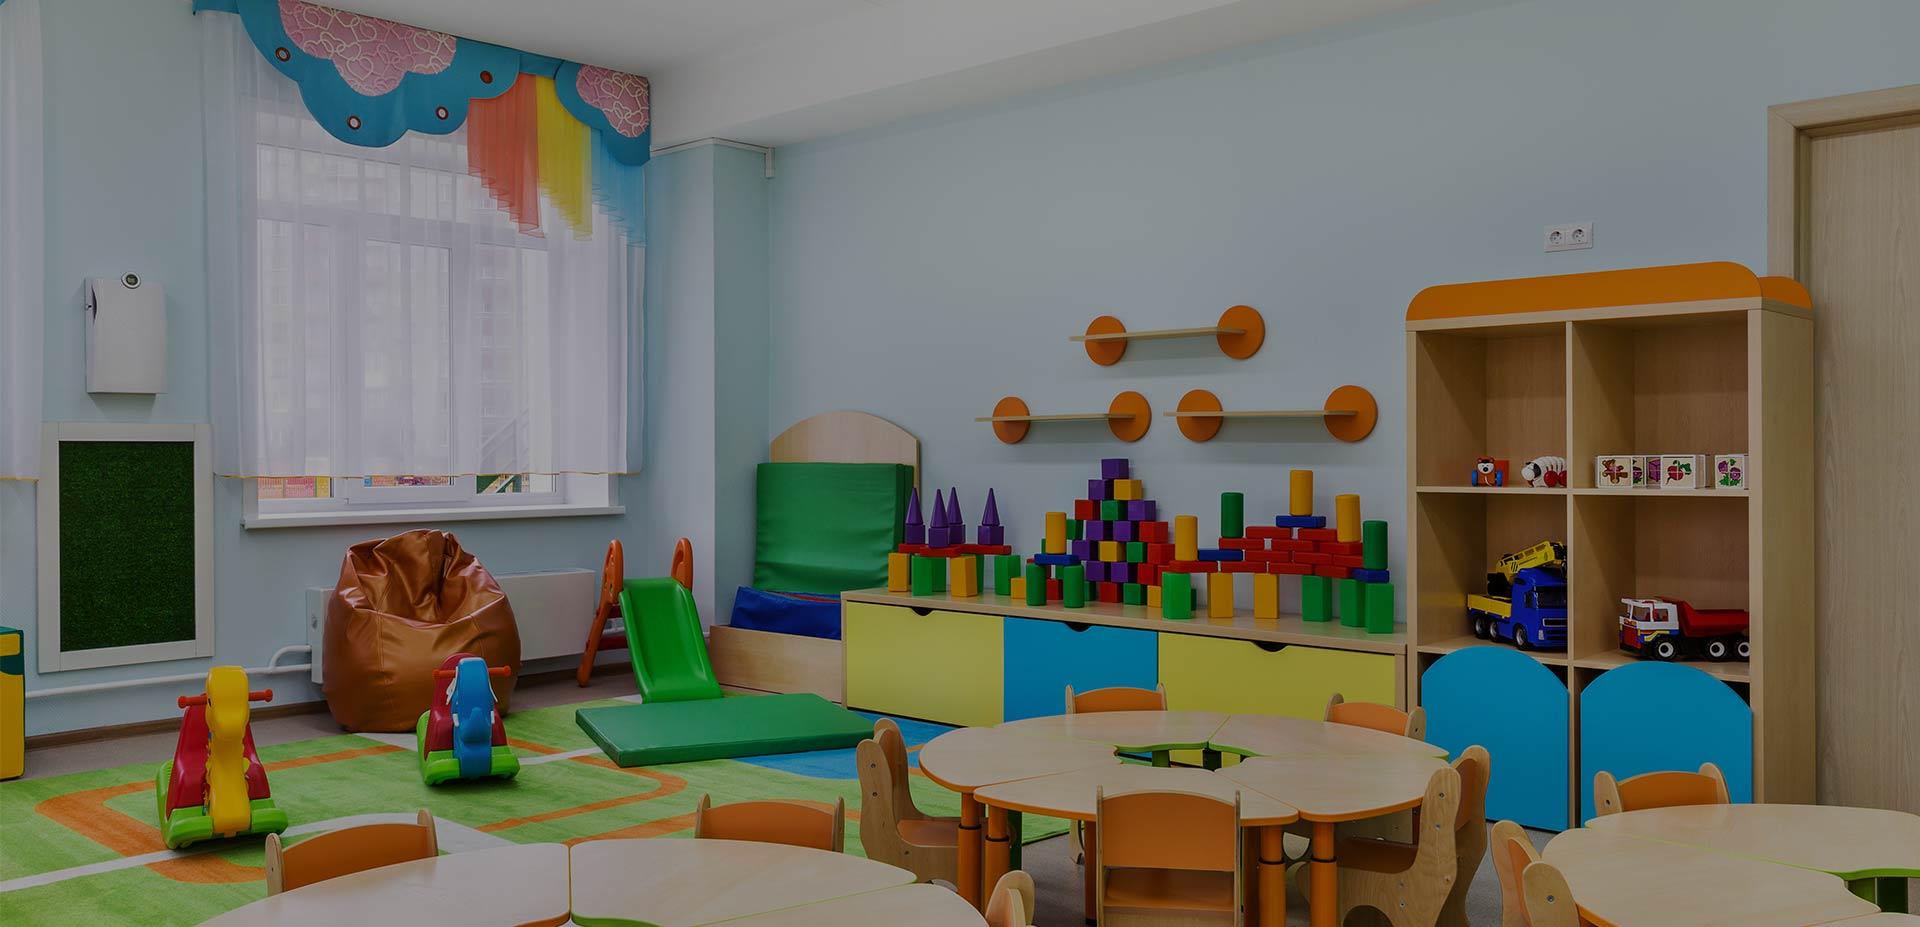 Przedszkole Pielgrzymowice Slider